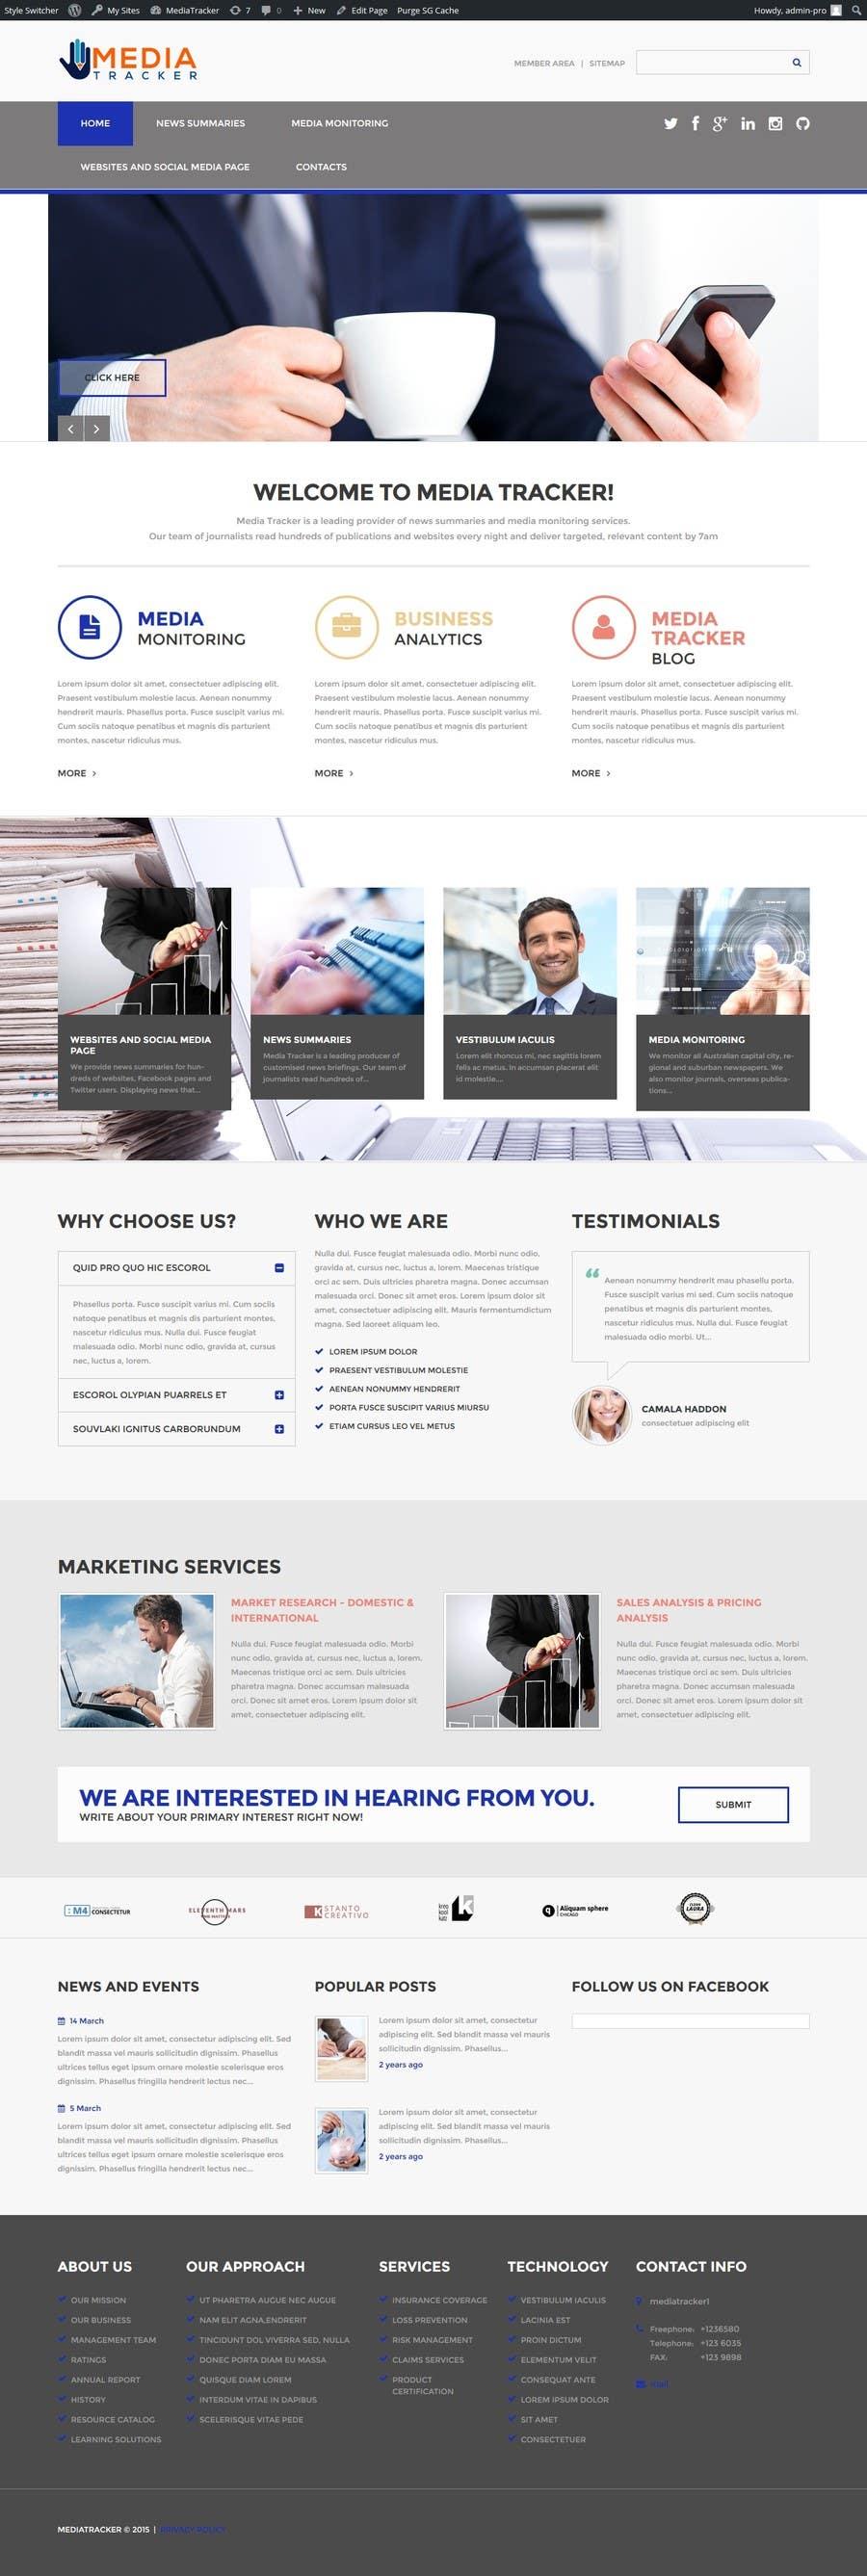 Bài tham dự cuộc thi #9 cho Make my website more professional